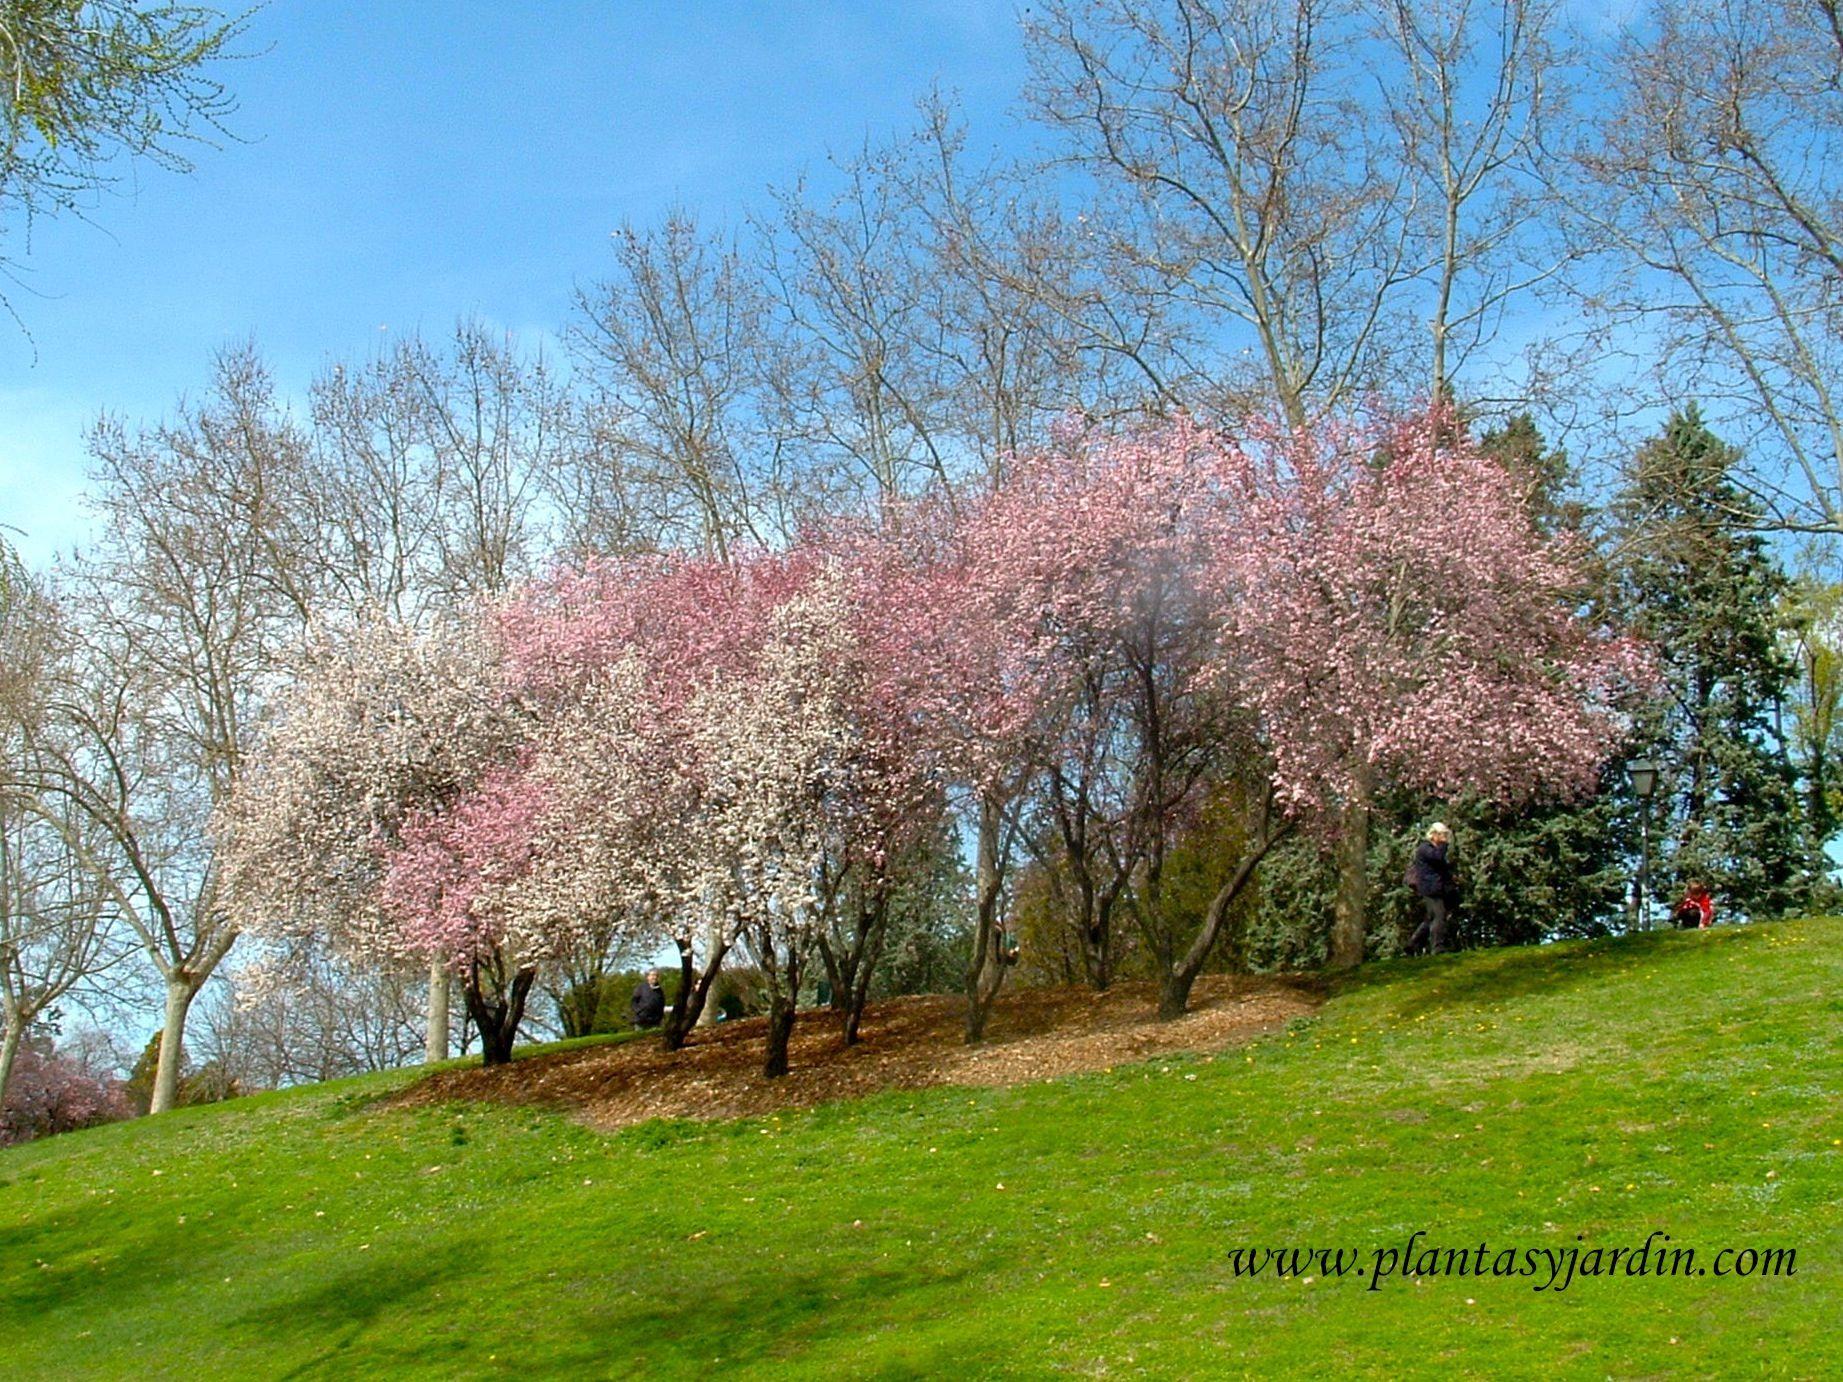 Rboles para jardines peque os plantas jard n for Arboles ornamentales jardin